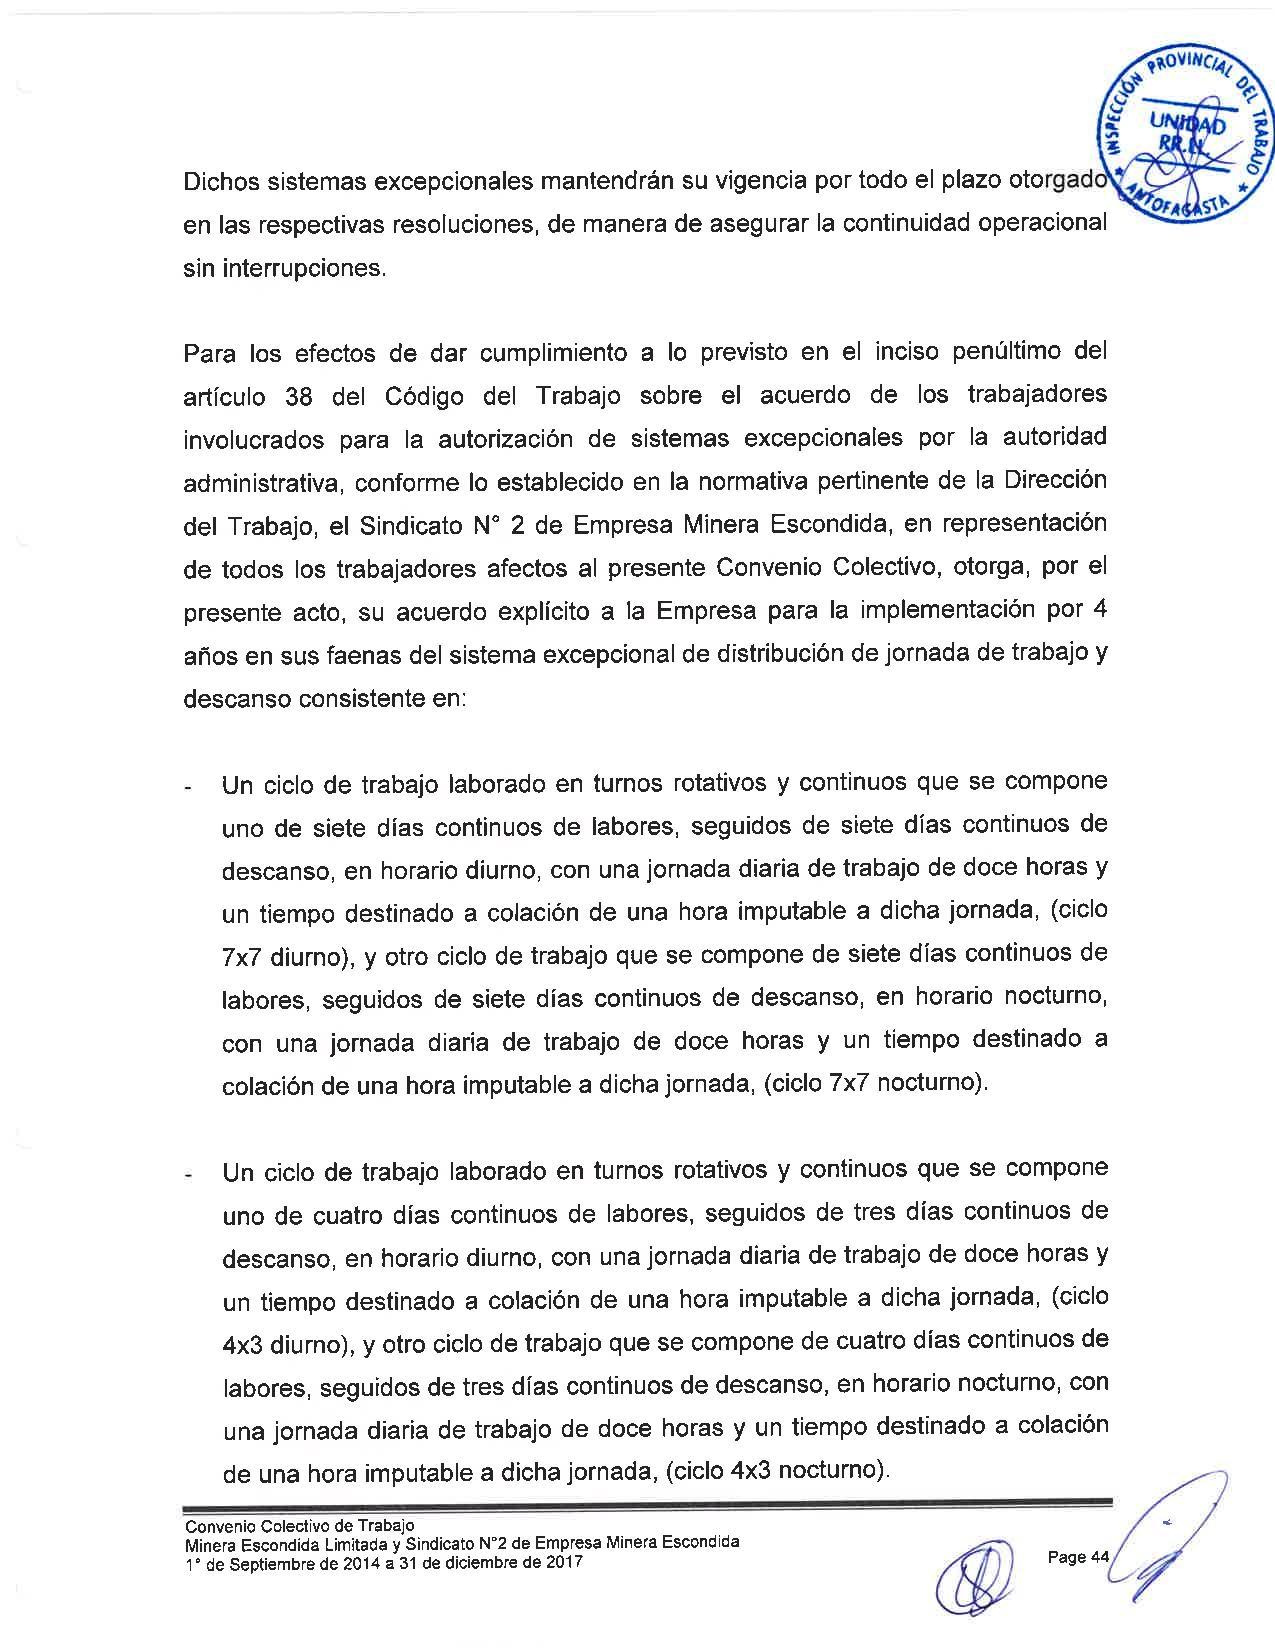 Página (44).jpg